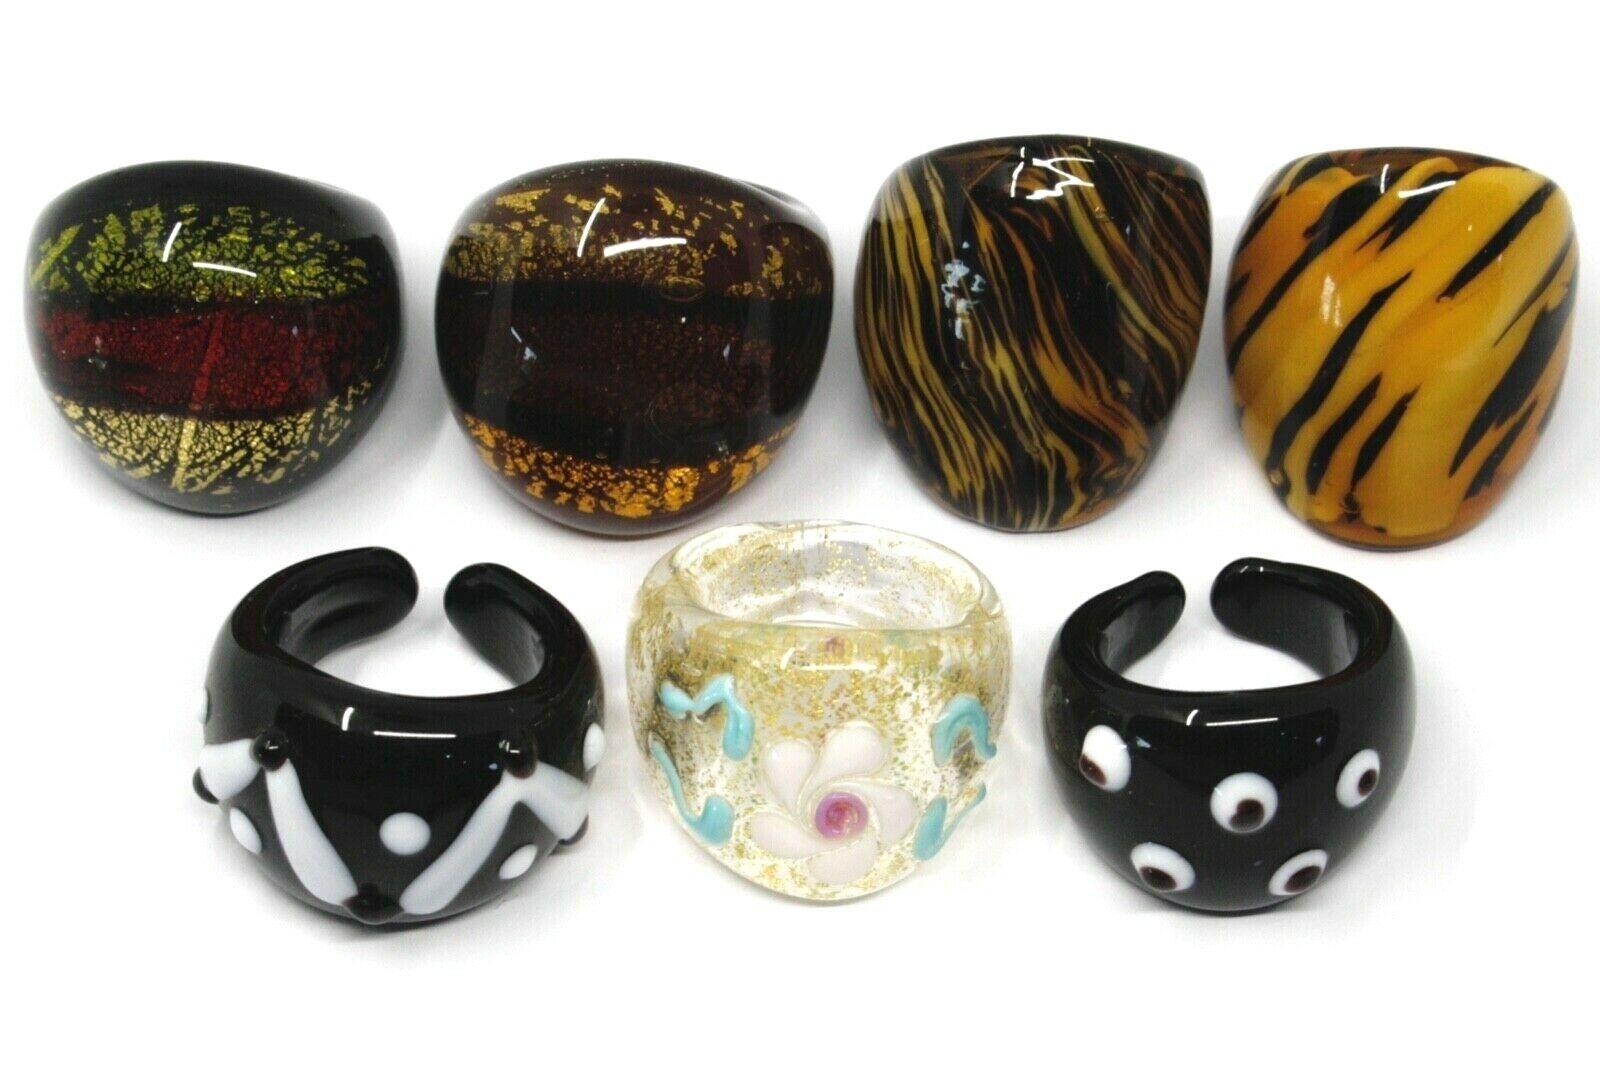 LOT OF 7 ANTICA MURRINA VENEZIA RINGS, MURANO GLASS, SIZE 8/8.5